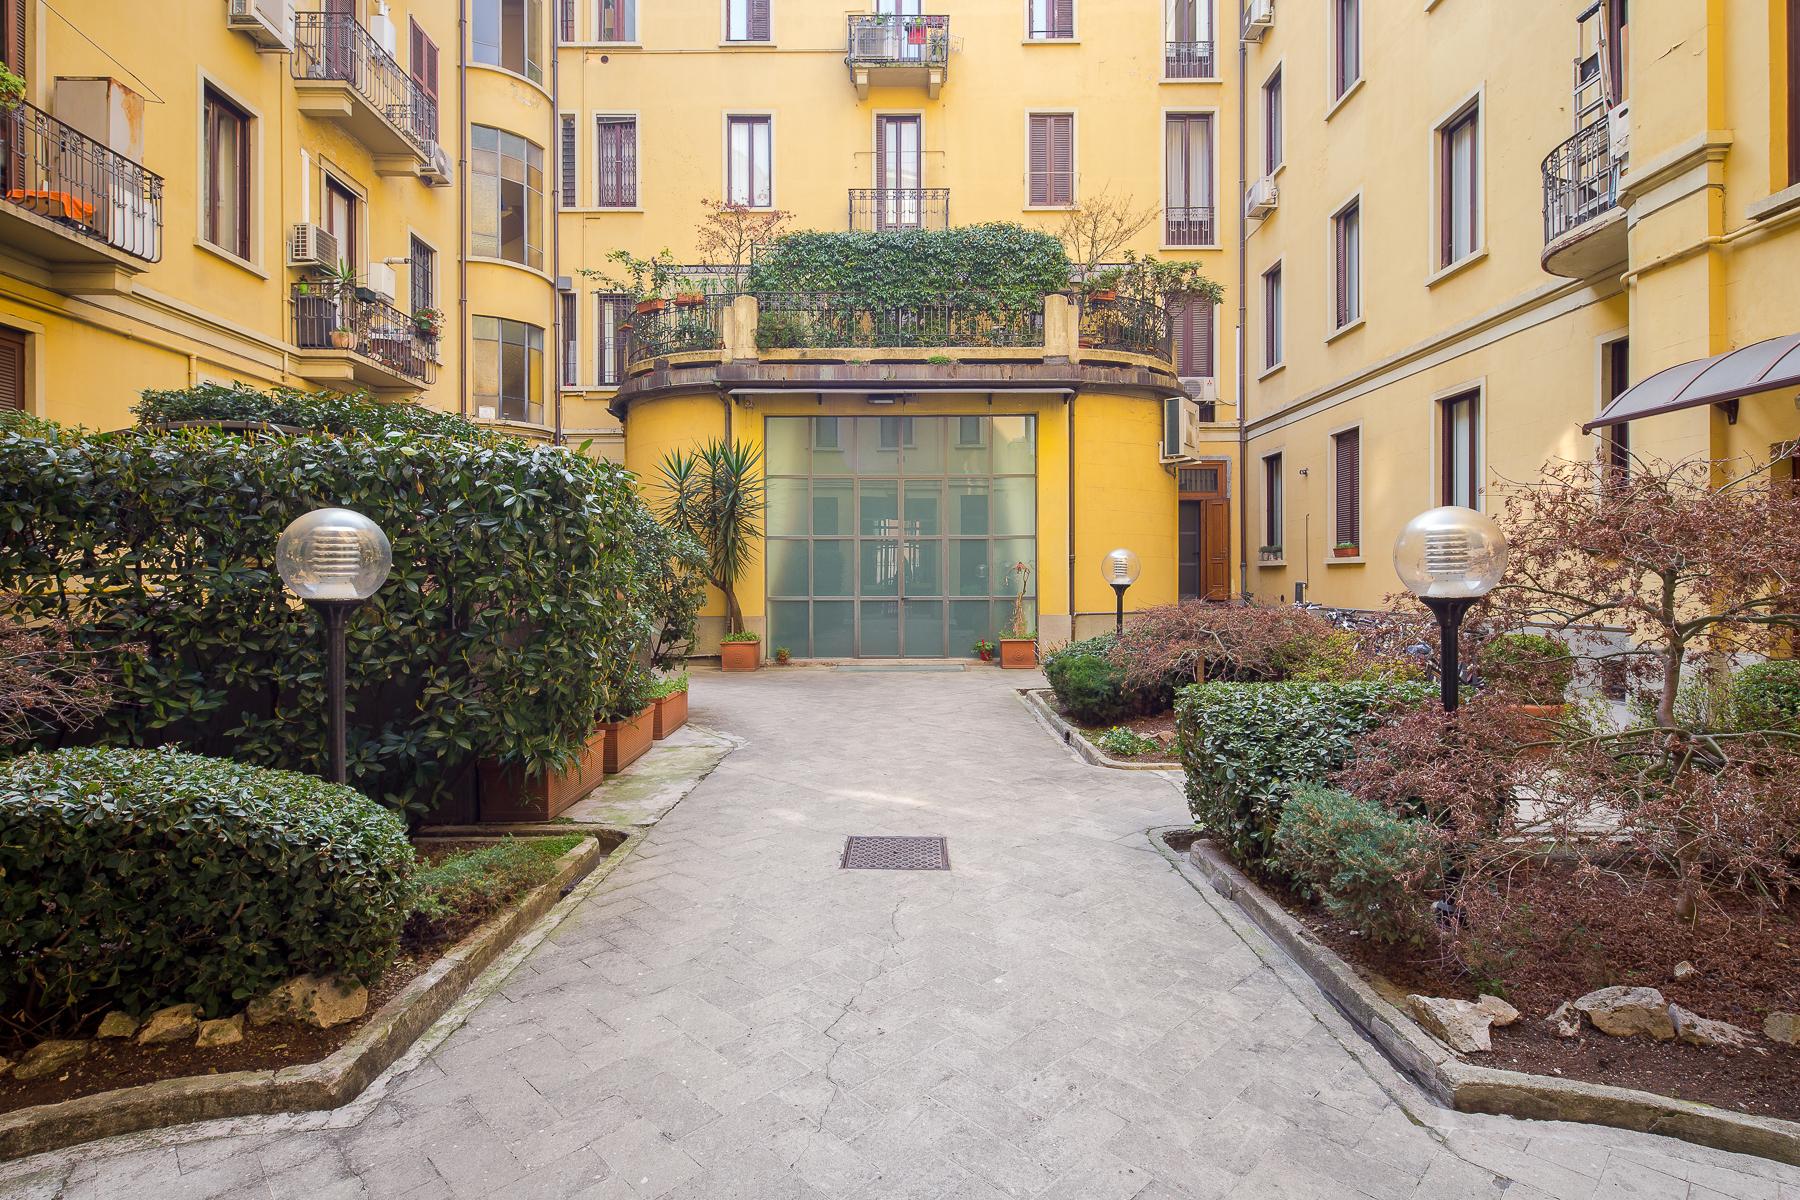 Casa indipendente in Vendita a Milano: 5 locali, 330 mq - Foto 24